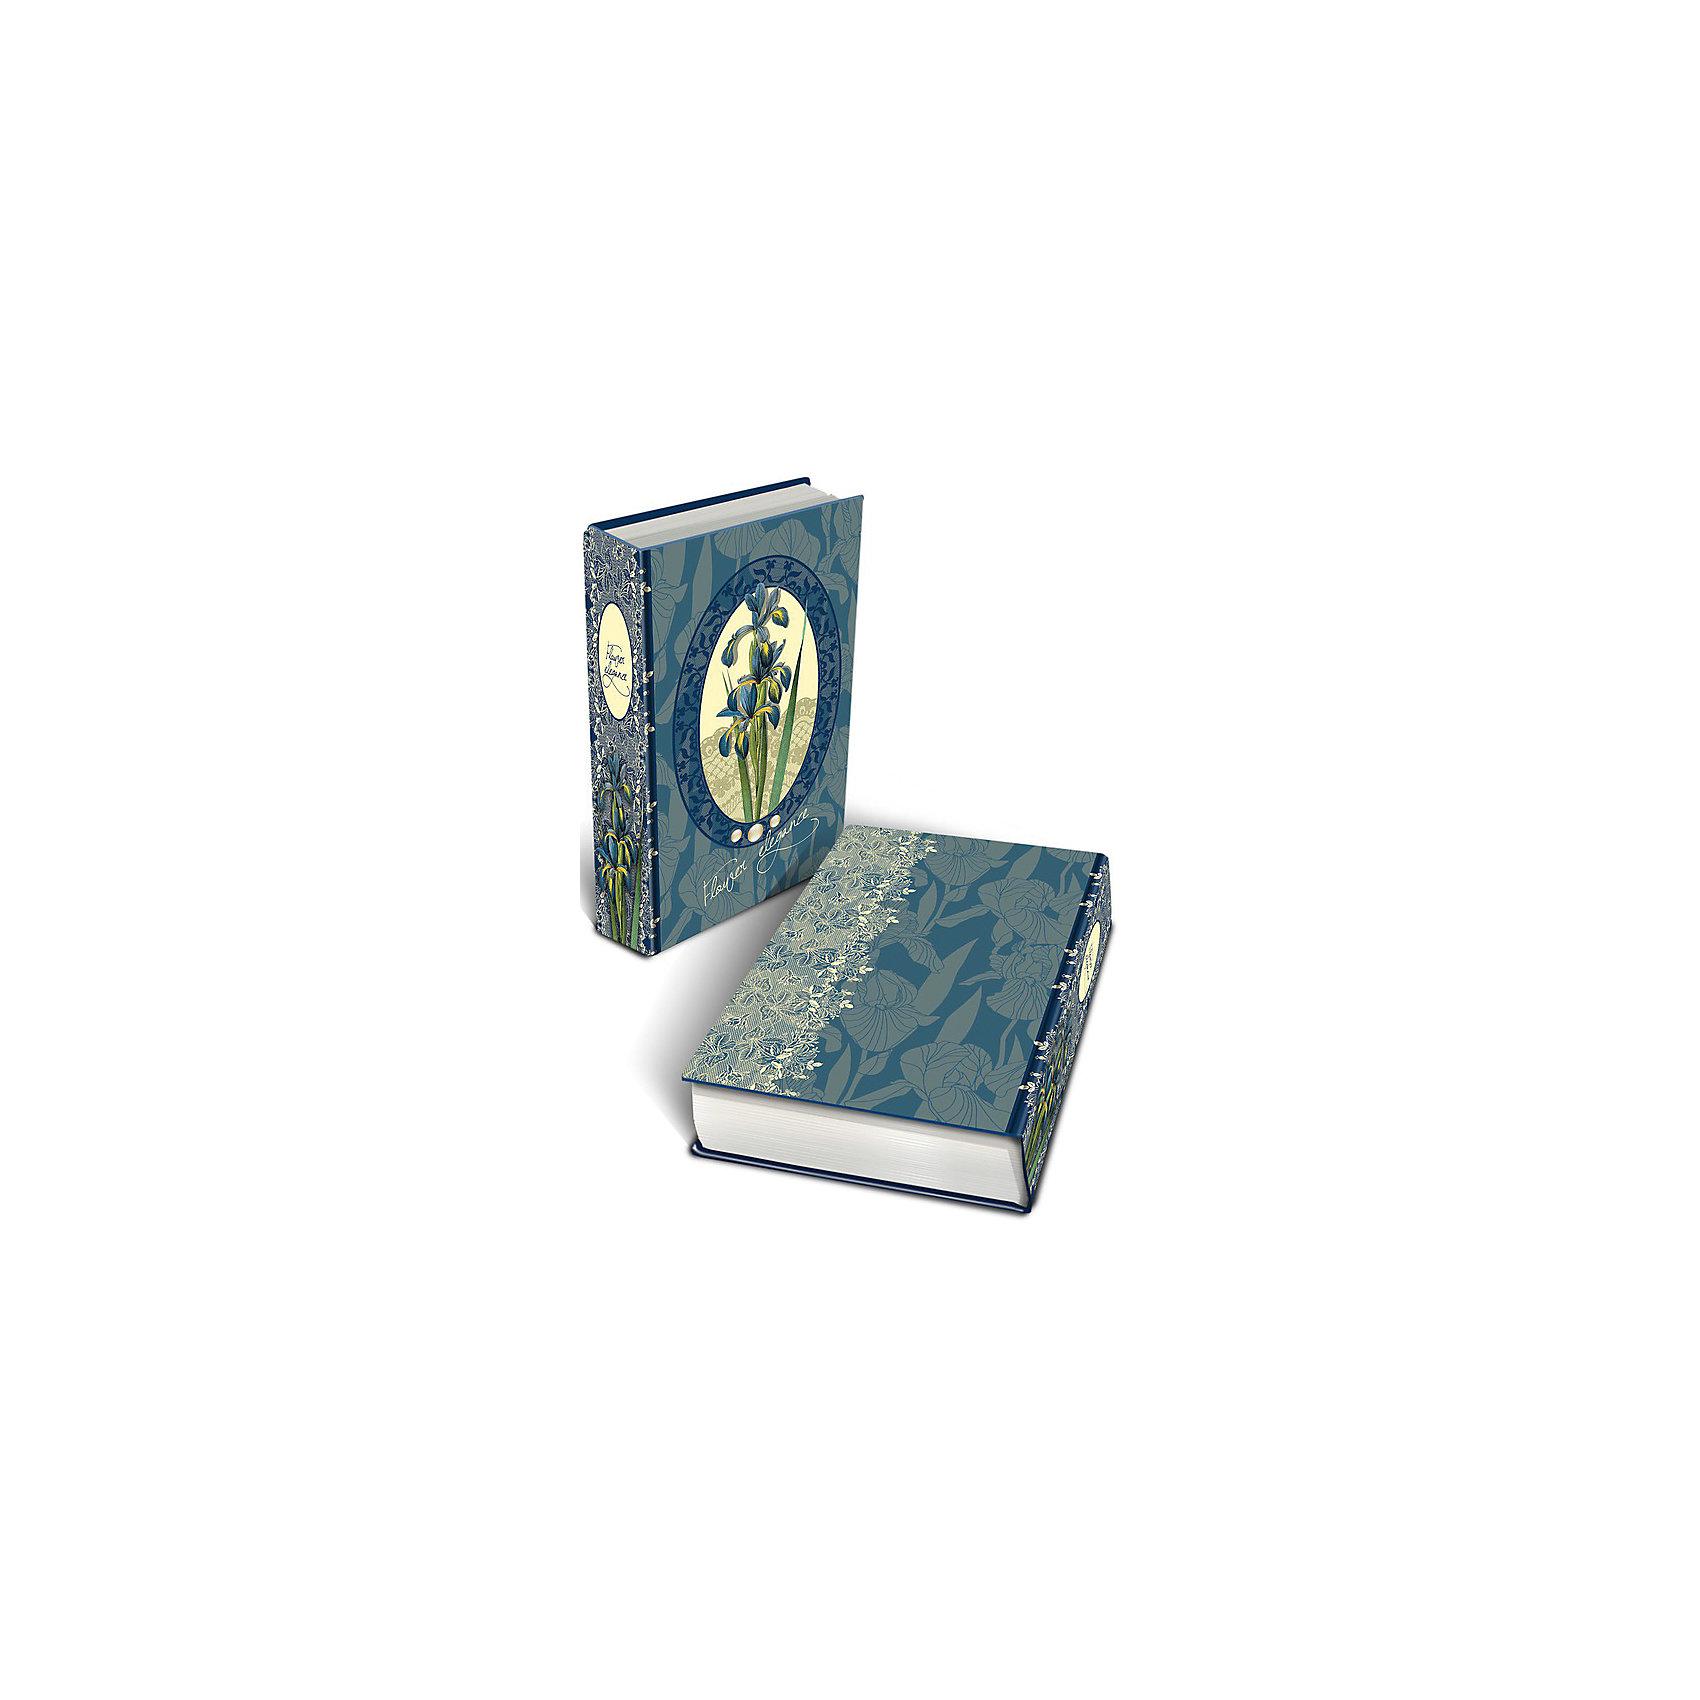 Шкатулка декоративная Букет ирисов (17*11*5 см)Стильная декоративная шкатулка Букет ирисов выполнена в форме книги с оригинальным рисунком. Она отлично подойдет для хранения мелочей и безделушек, есть отделение для украшений. Отличный вариант для ценного и оригинального подарка!<br><br>Дополнительная информация:<br>Материал: МДФ<br>Размер: 5х26х17 см<br>Вес: 285 грамм<br>Декоративную шкатулку Букет ирисов можно купить в нашем интернет-магазине.<br><br>Ширина мм: 370<br>Глубина мм: 400<br>Высота мм: 380<br>Вес г: 200<br>Возраст от месяцев: 84<br>Возраст до месяцев: 216<br>Пол: Унисекс<br>Возраст: Детский<br>SKU: 4957973